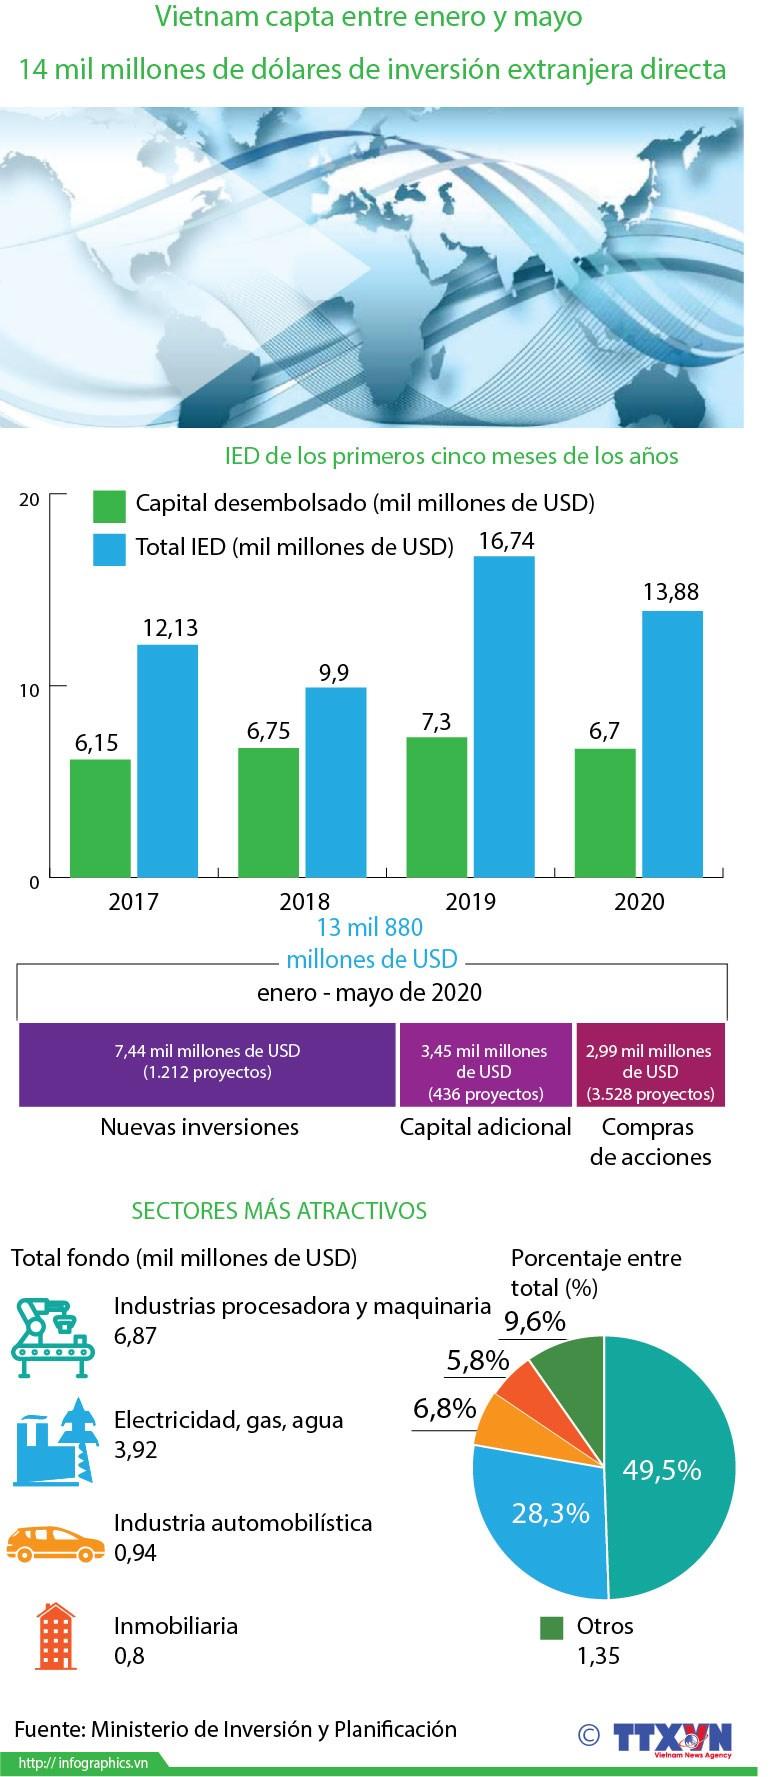 [Info] Vietnam capta entre enero y mayo 14 mil millones de dolares de IED hinh anh 1